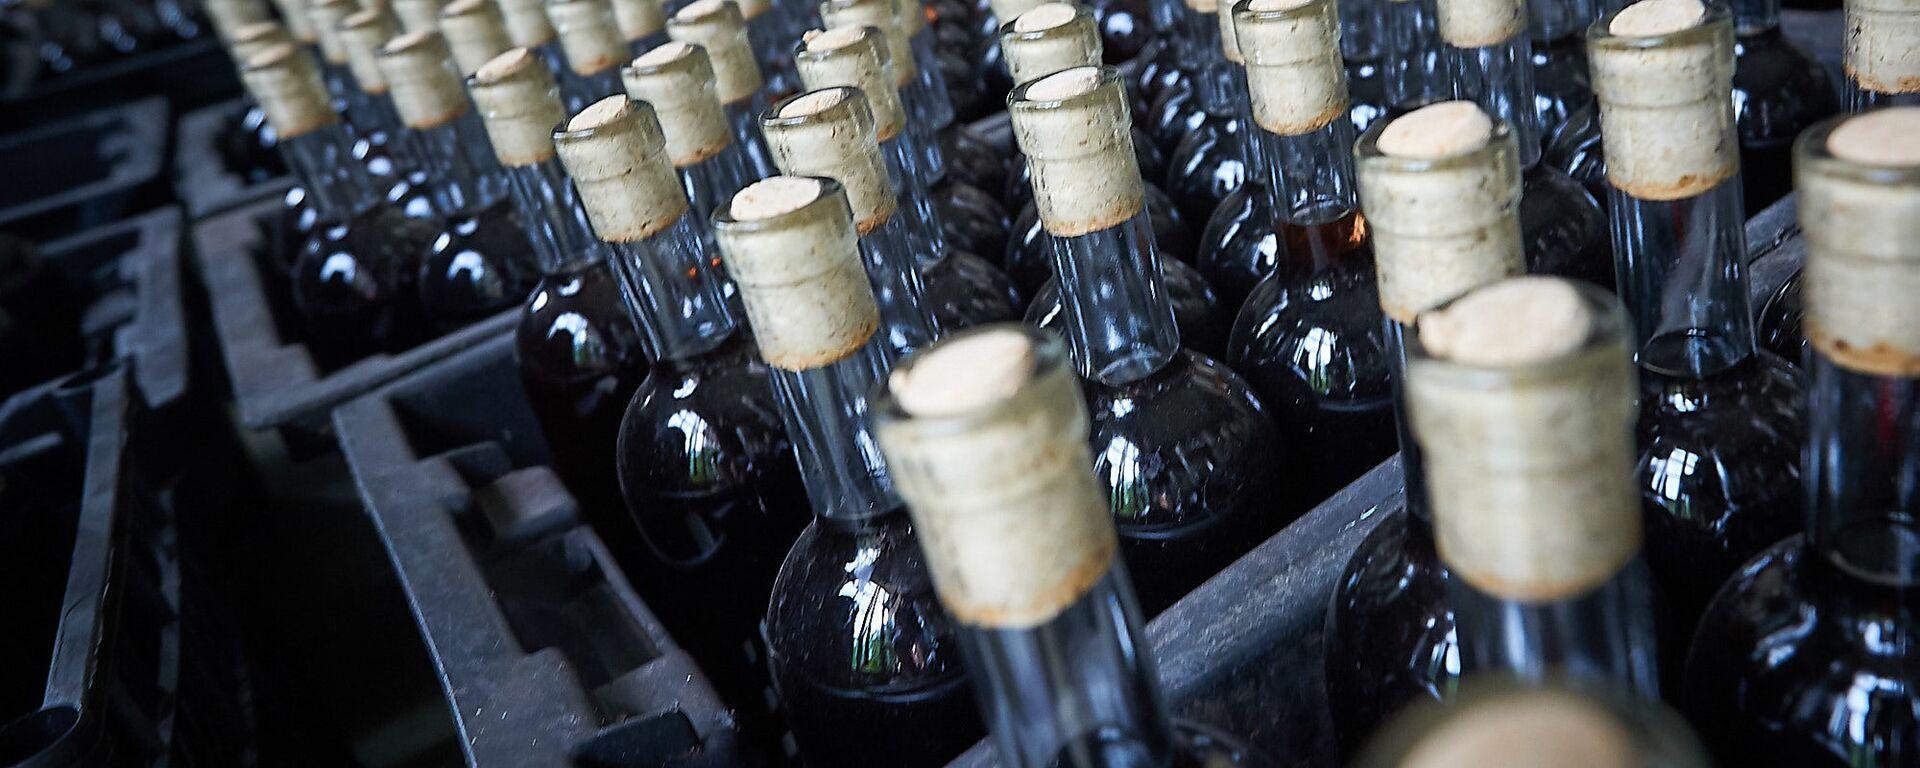 Грузинское вино которое отправят на экспорт - Sputnik Грузия, 1920, 13.08.2021